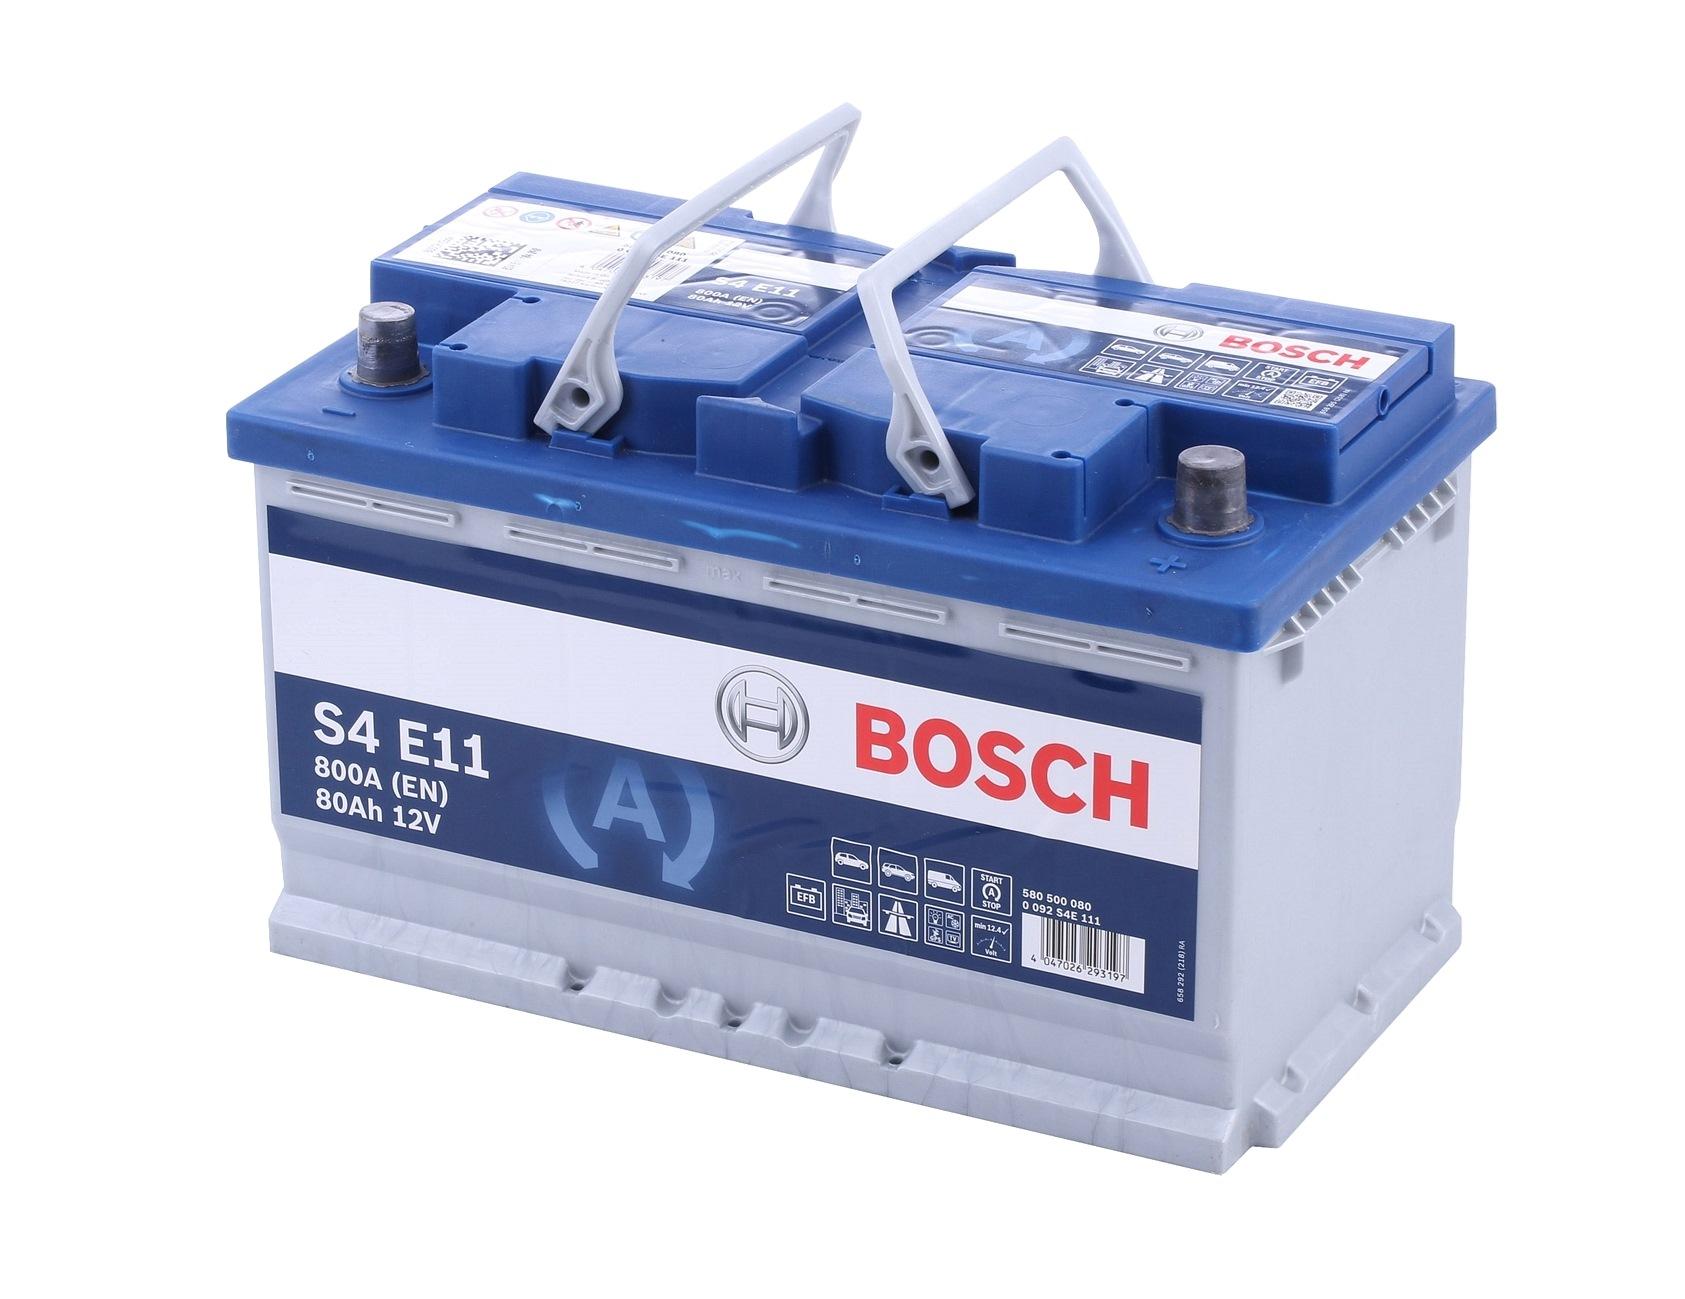 Batterie BOSCH S4E11 Bewertung